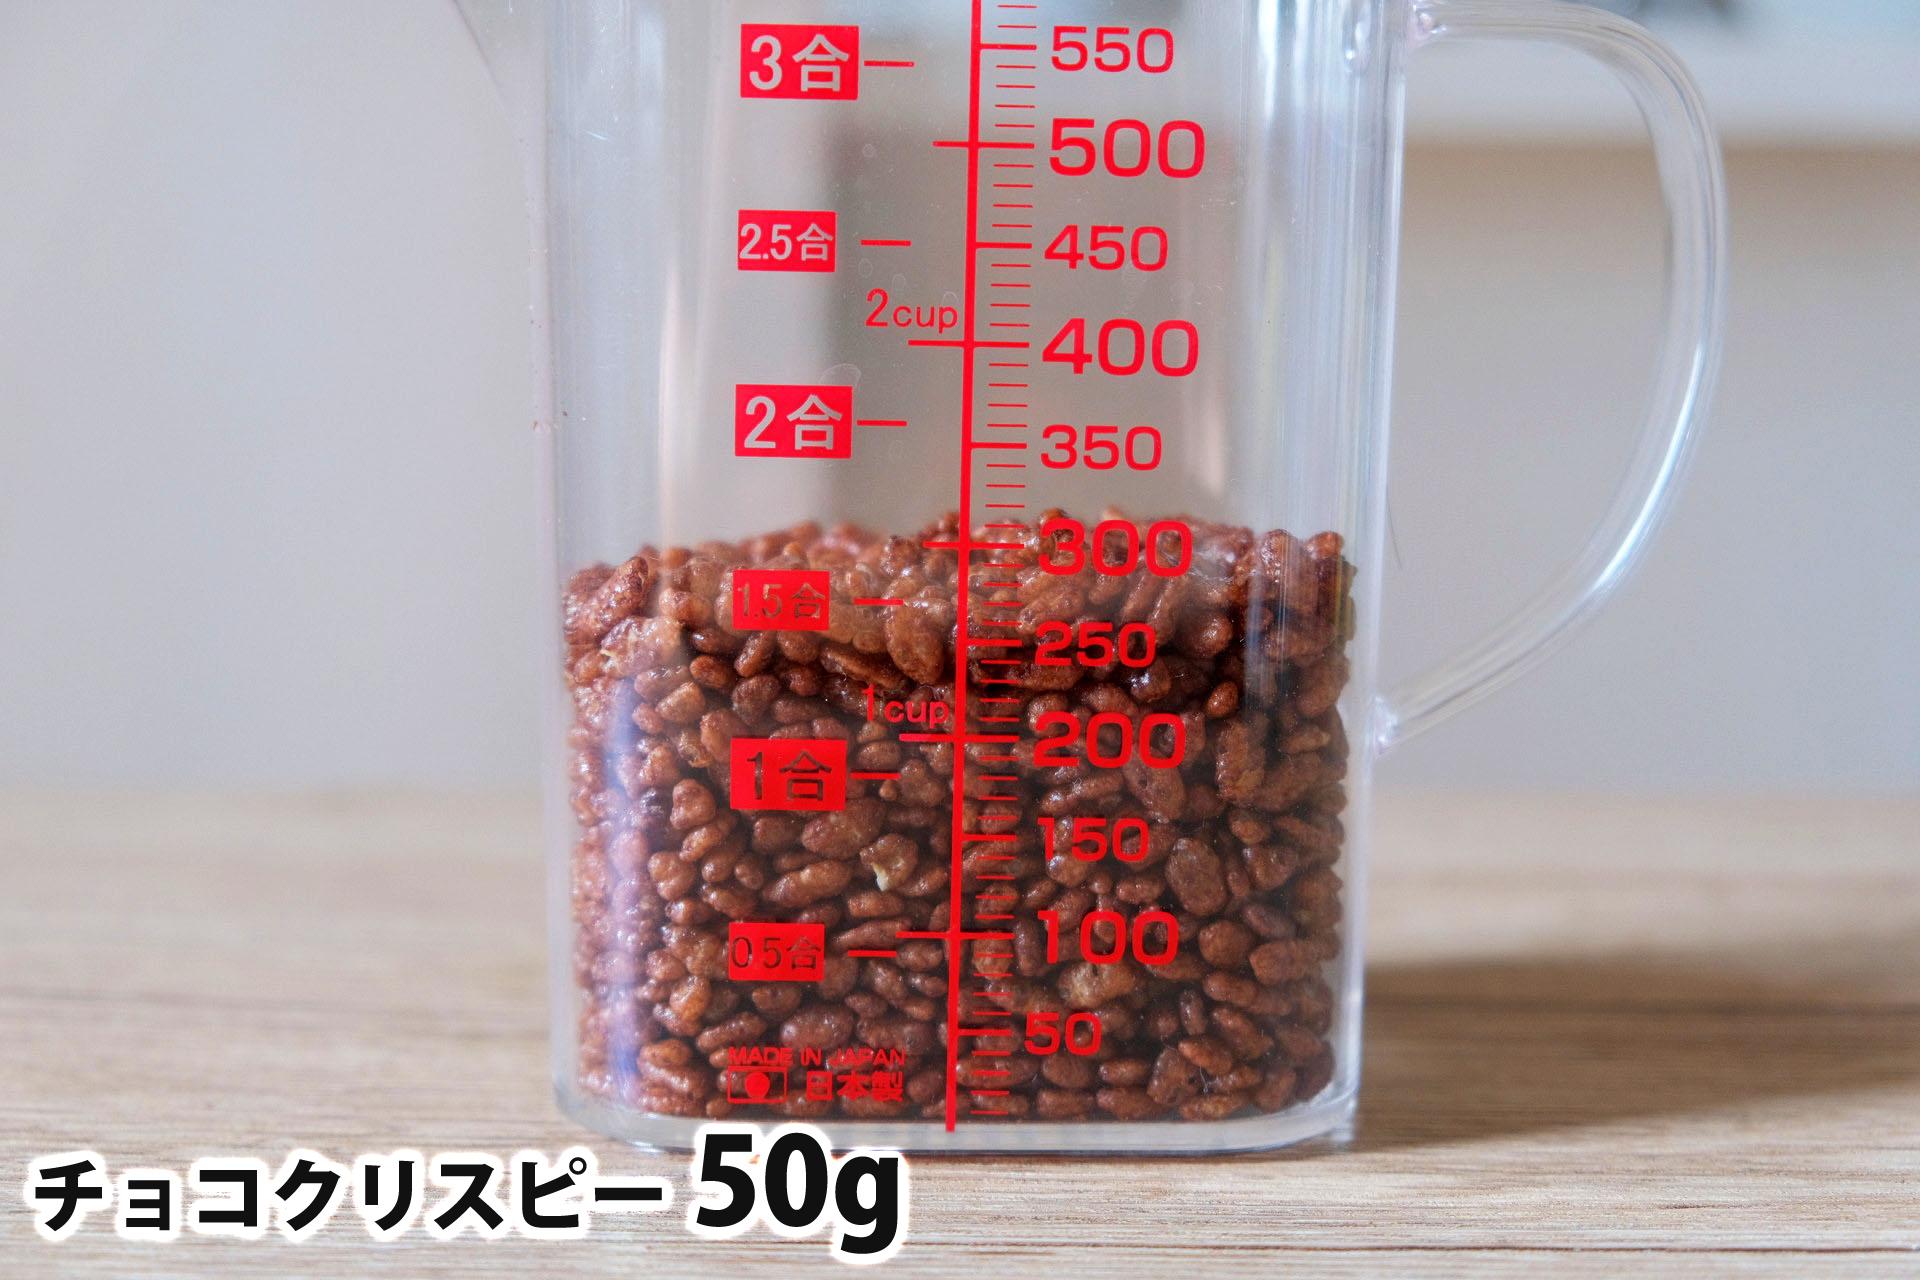 チョコクリスピー50gの分量